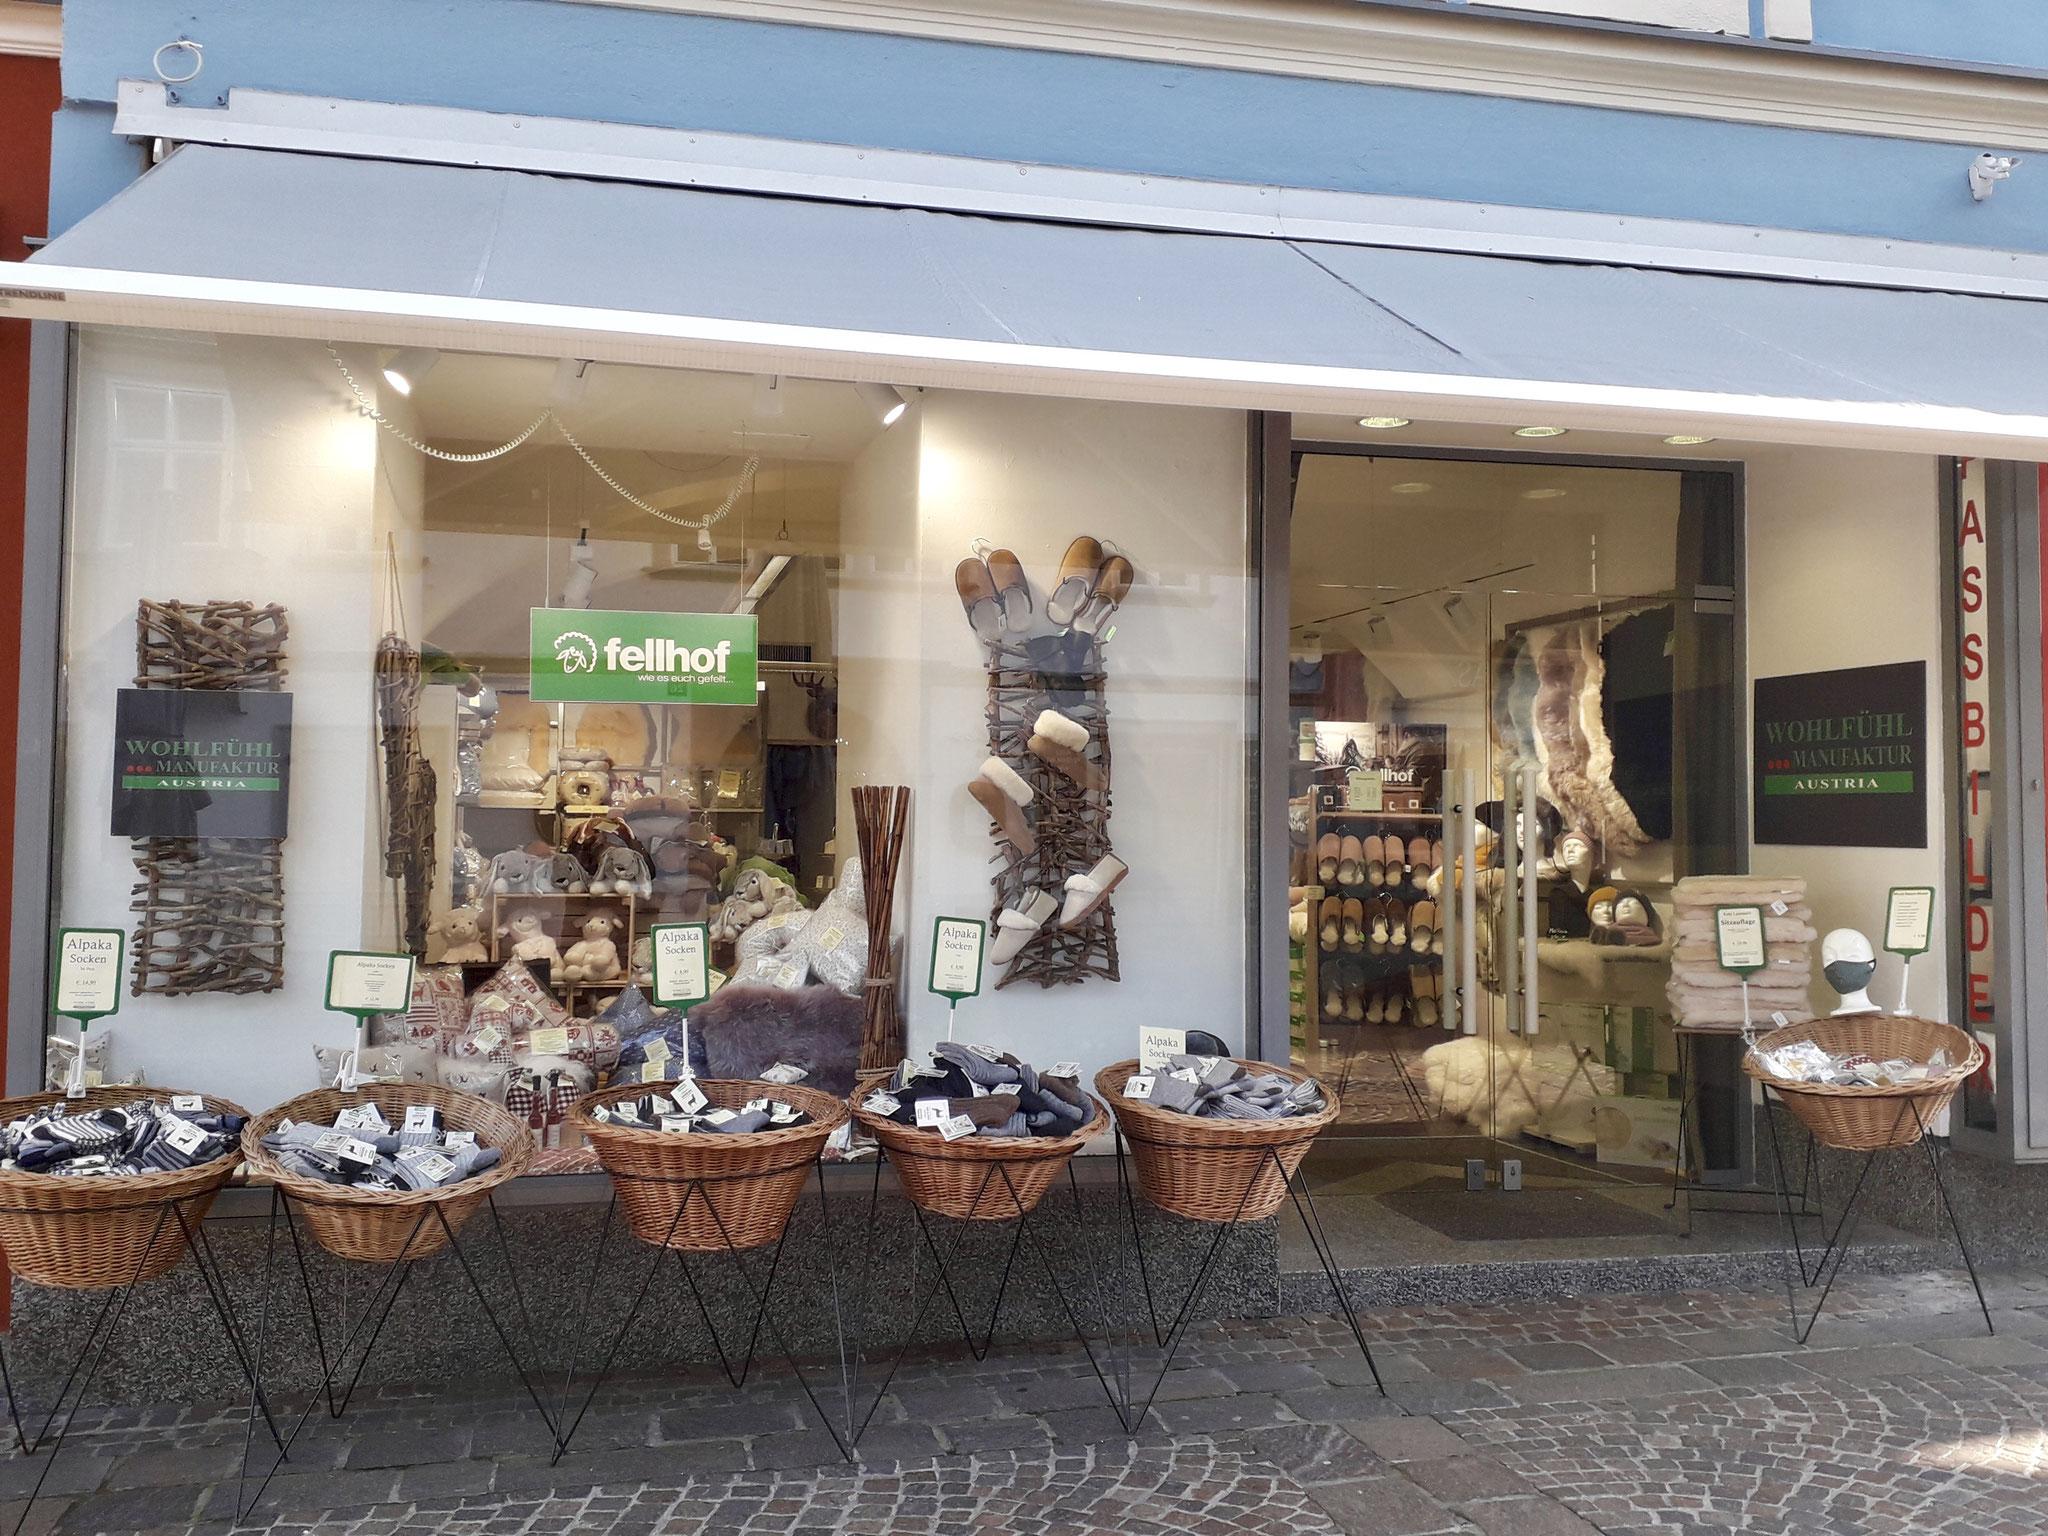 Wohlfühl Manufaktur Austria, Hauptplatz 23, 9500 Villach